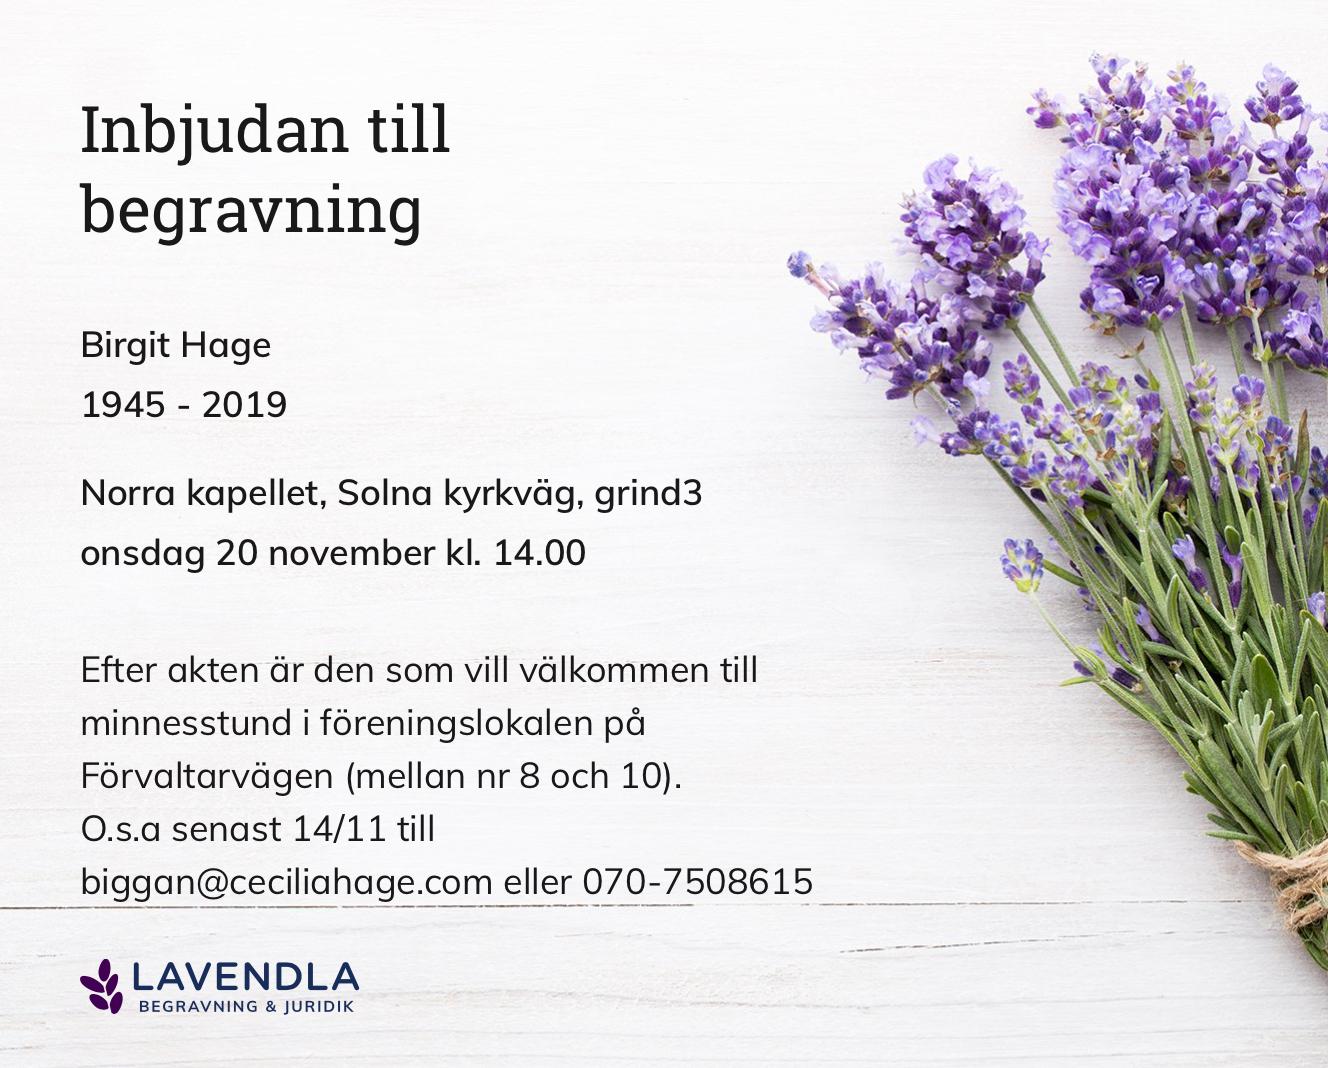 Inbjudningskort till ceremonin för Birgit Hage